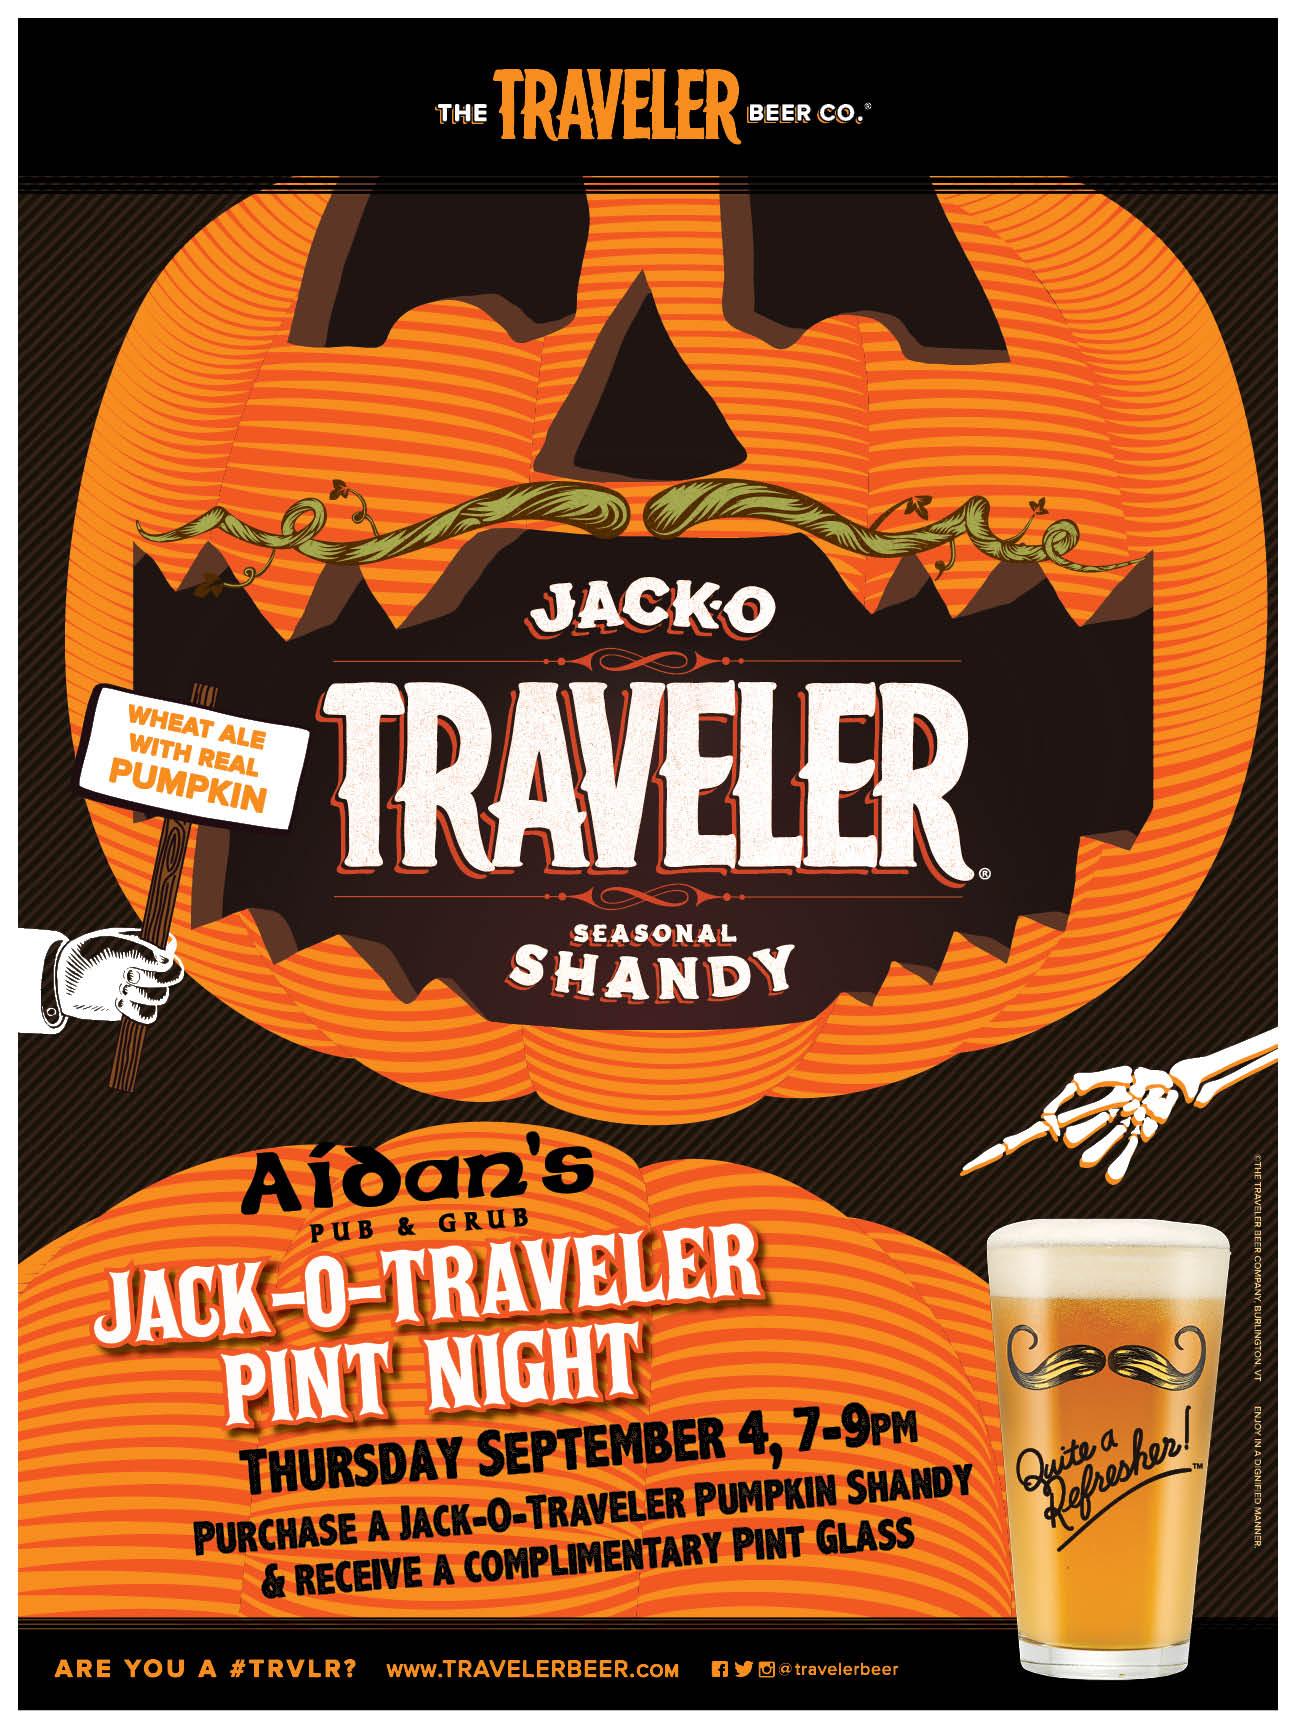 GoingOut.com: Aidan's Pub Event, Jack-O-Traveler Pint Night